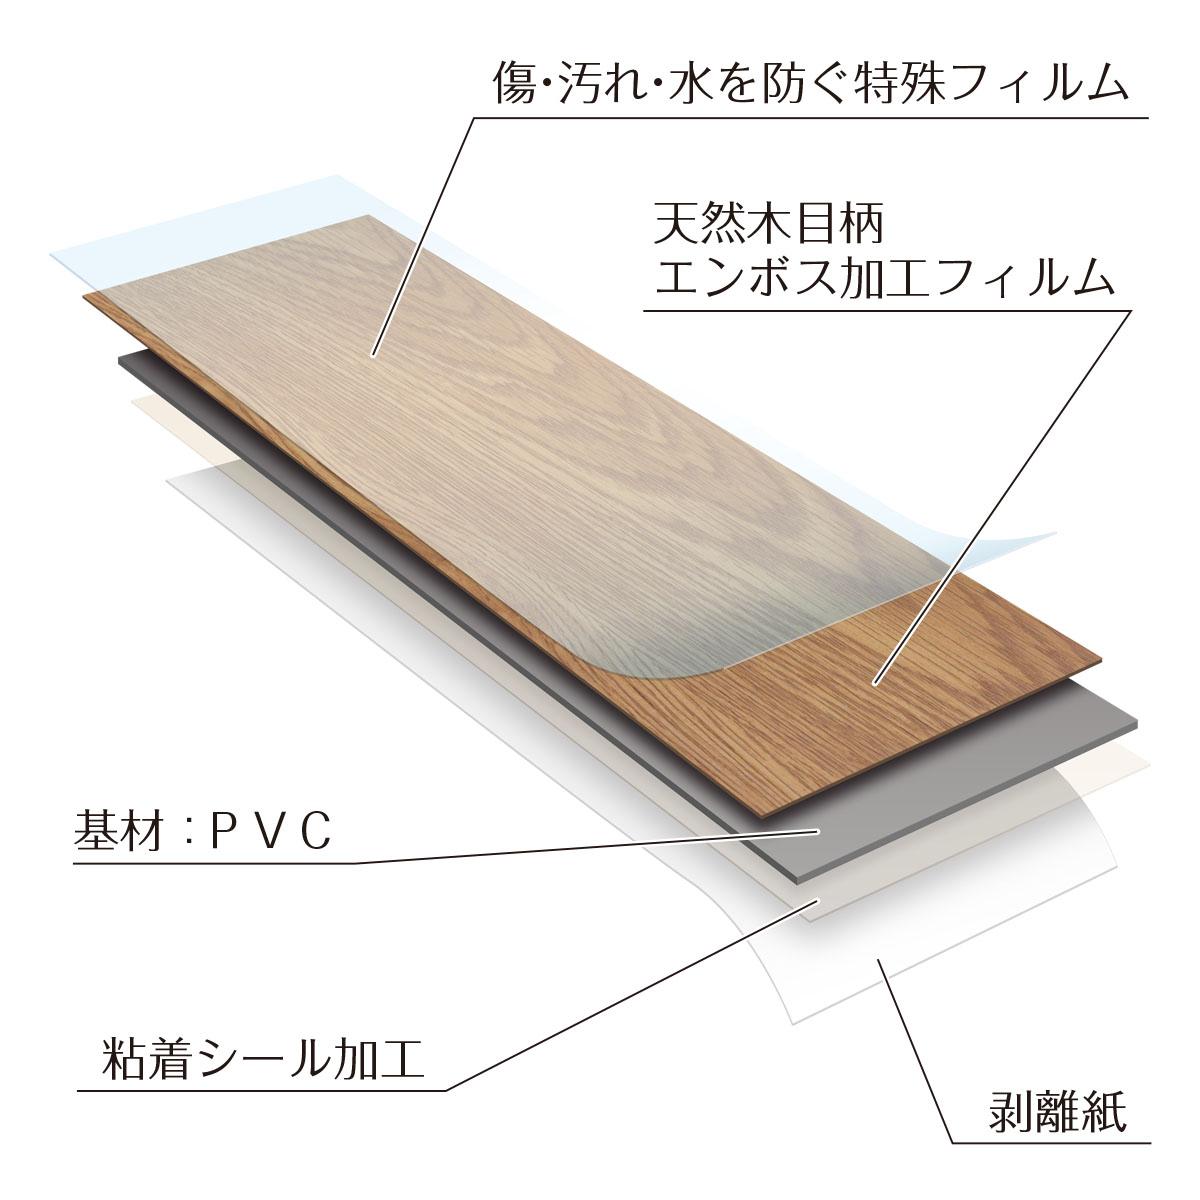 傷・汚れ・水を防ぐ特殊フィルム 天然木目柄エンボス加工フィルム 基材:PVC 粘着シール加工 剥離紙